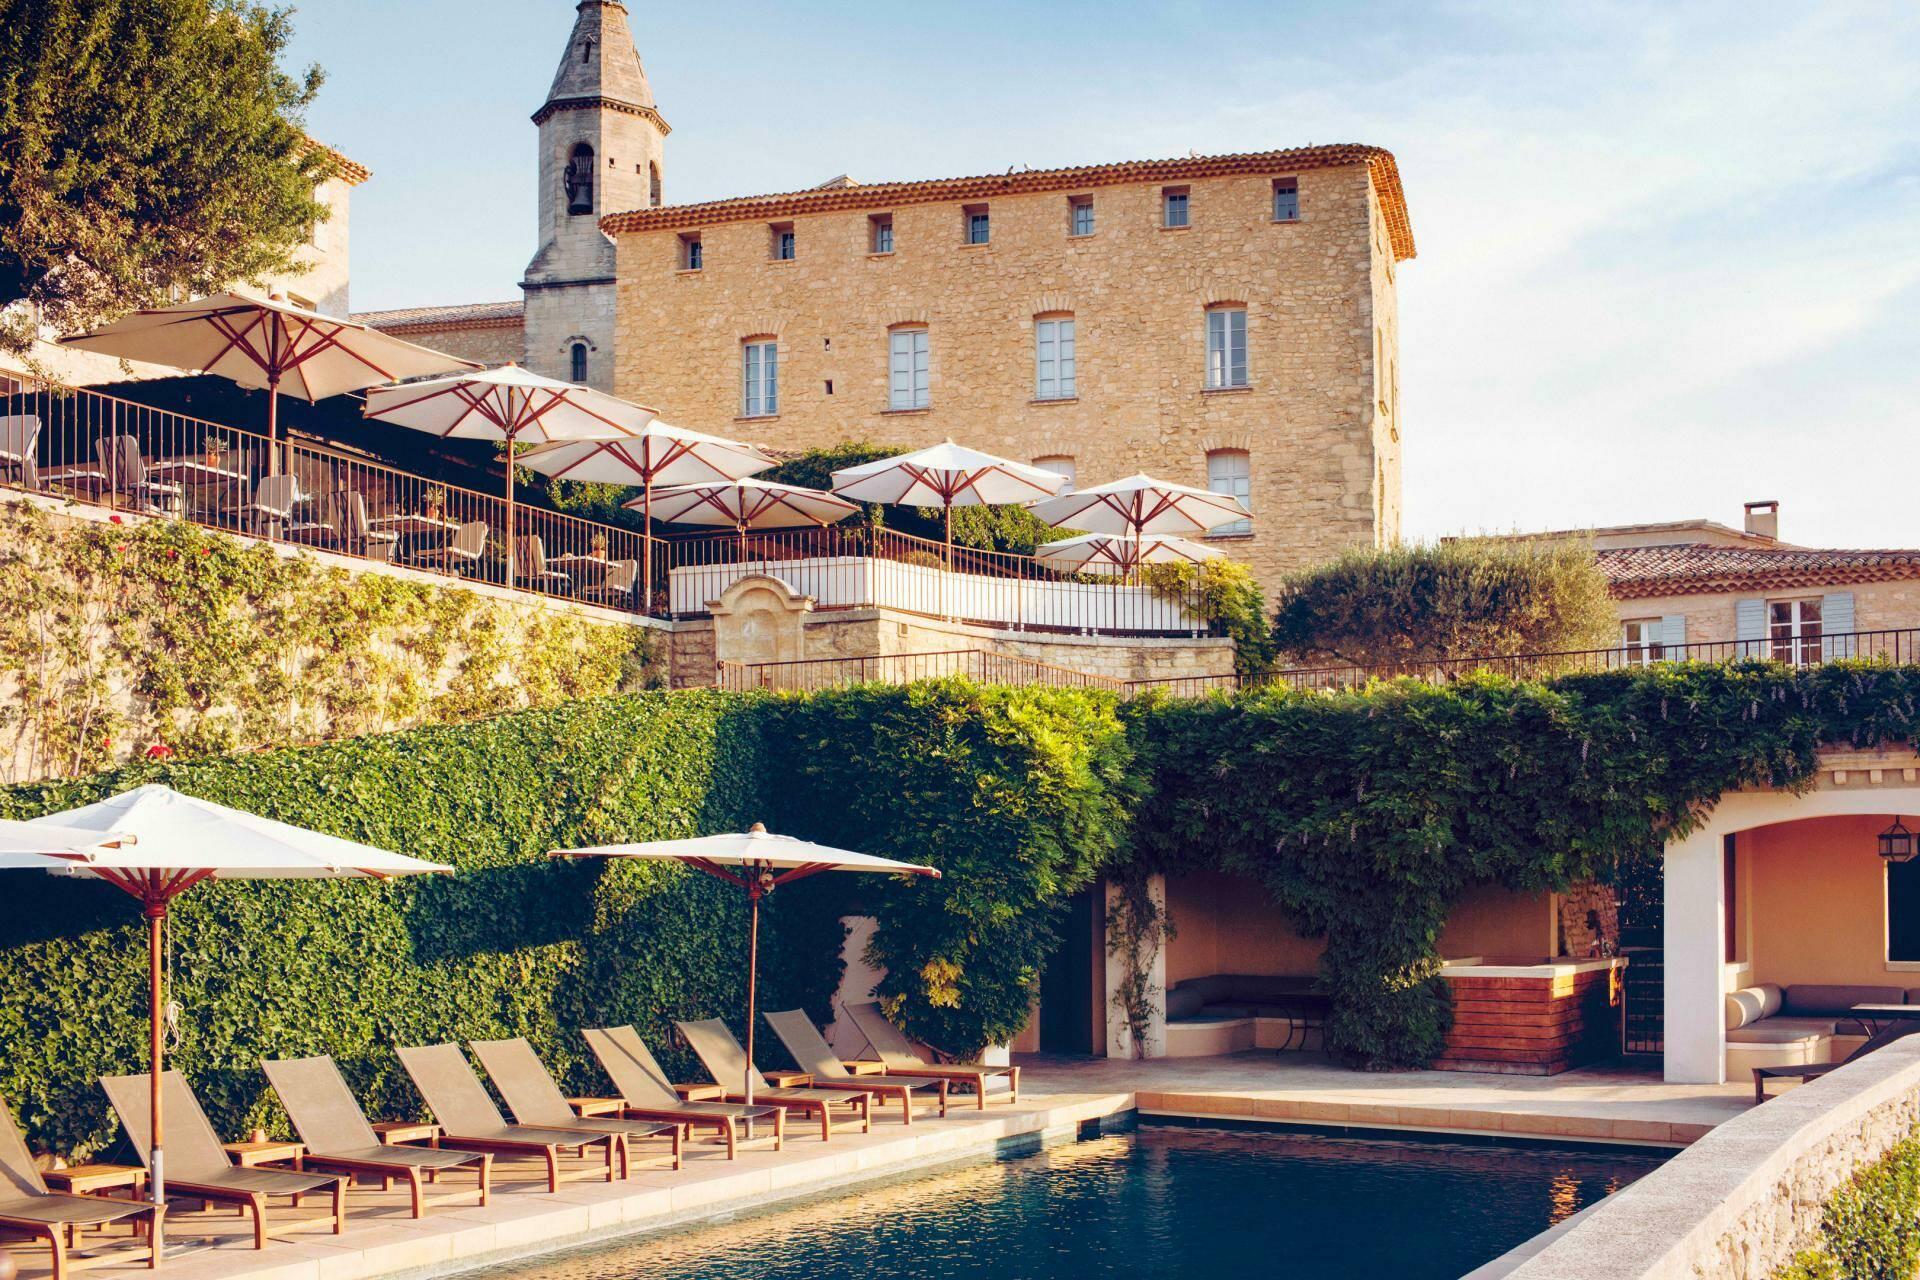 Hotel crillon le brave piscine Provence Maisons Pariente